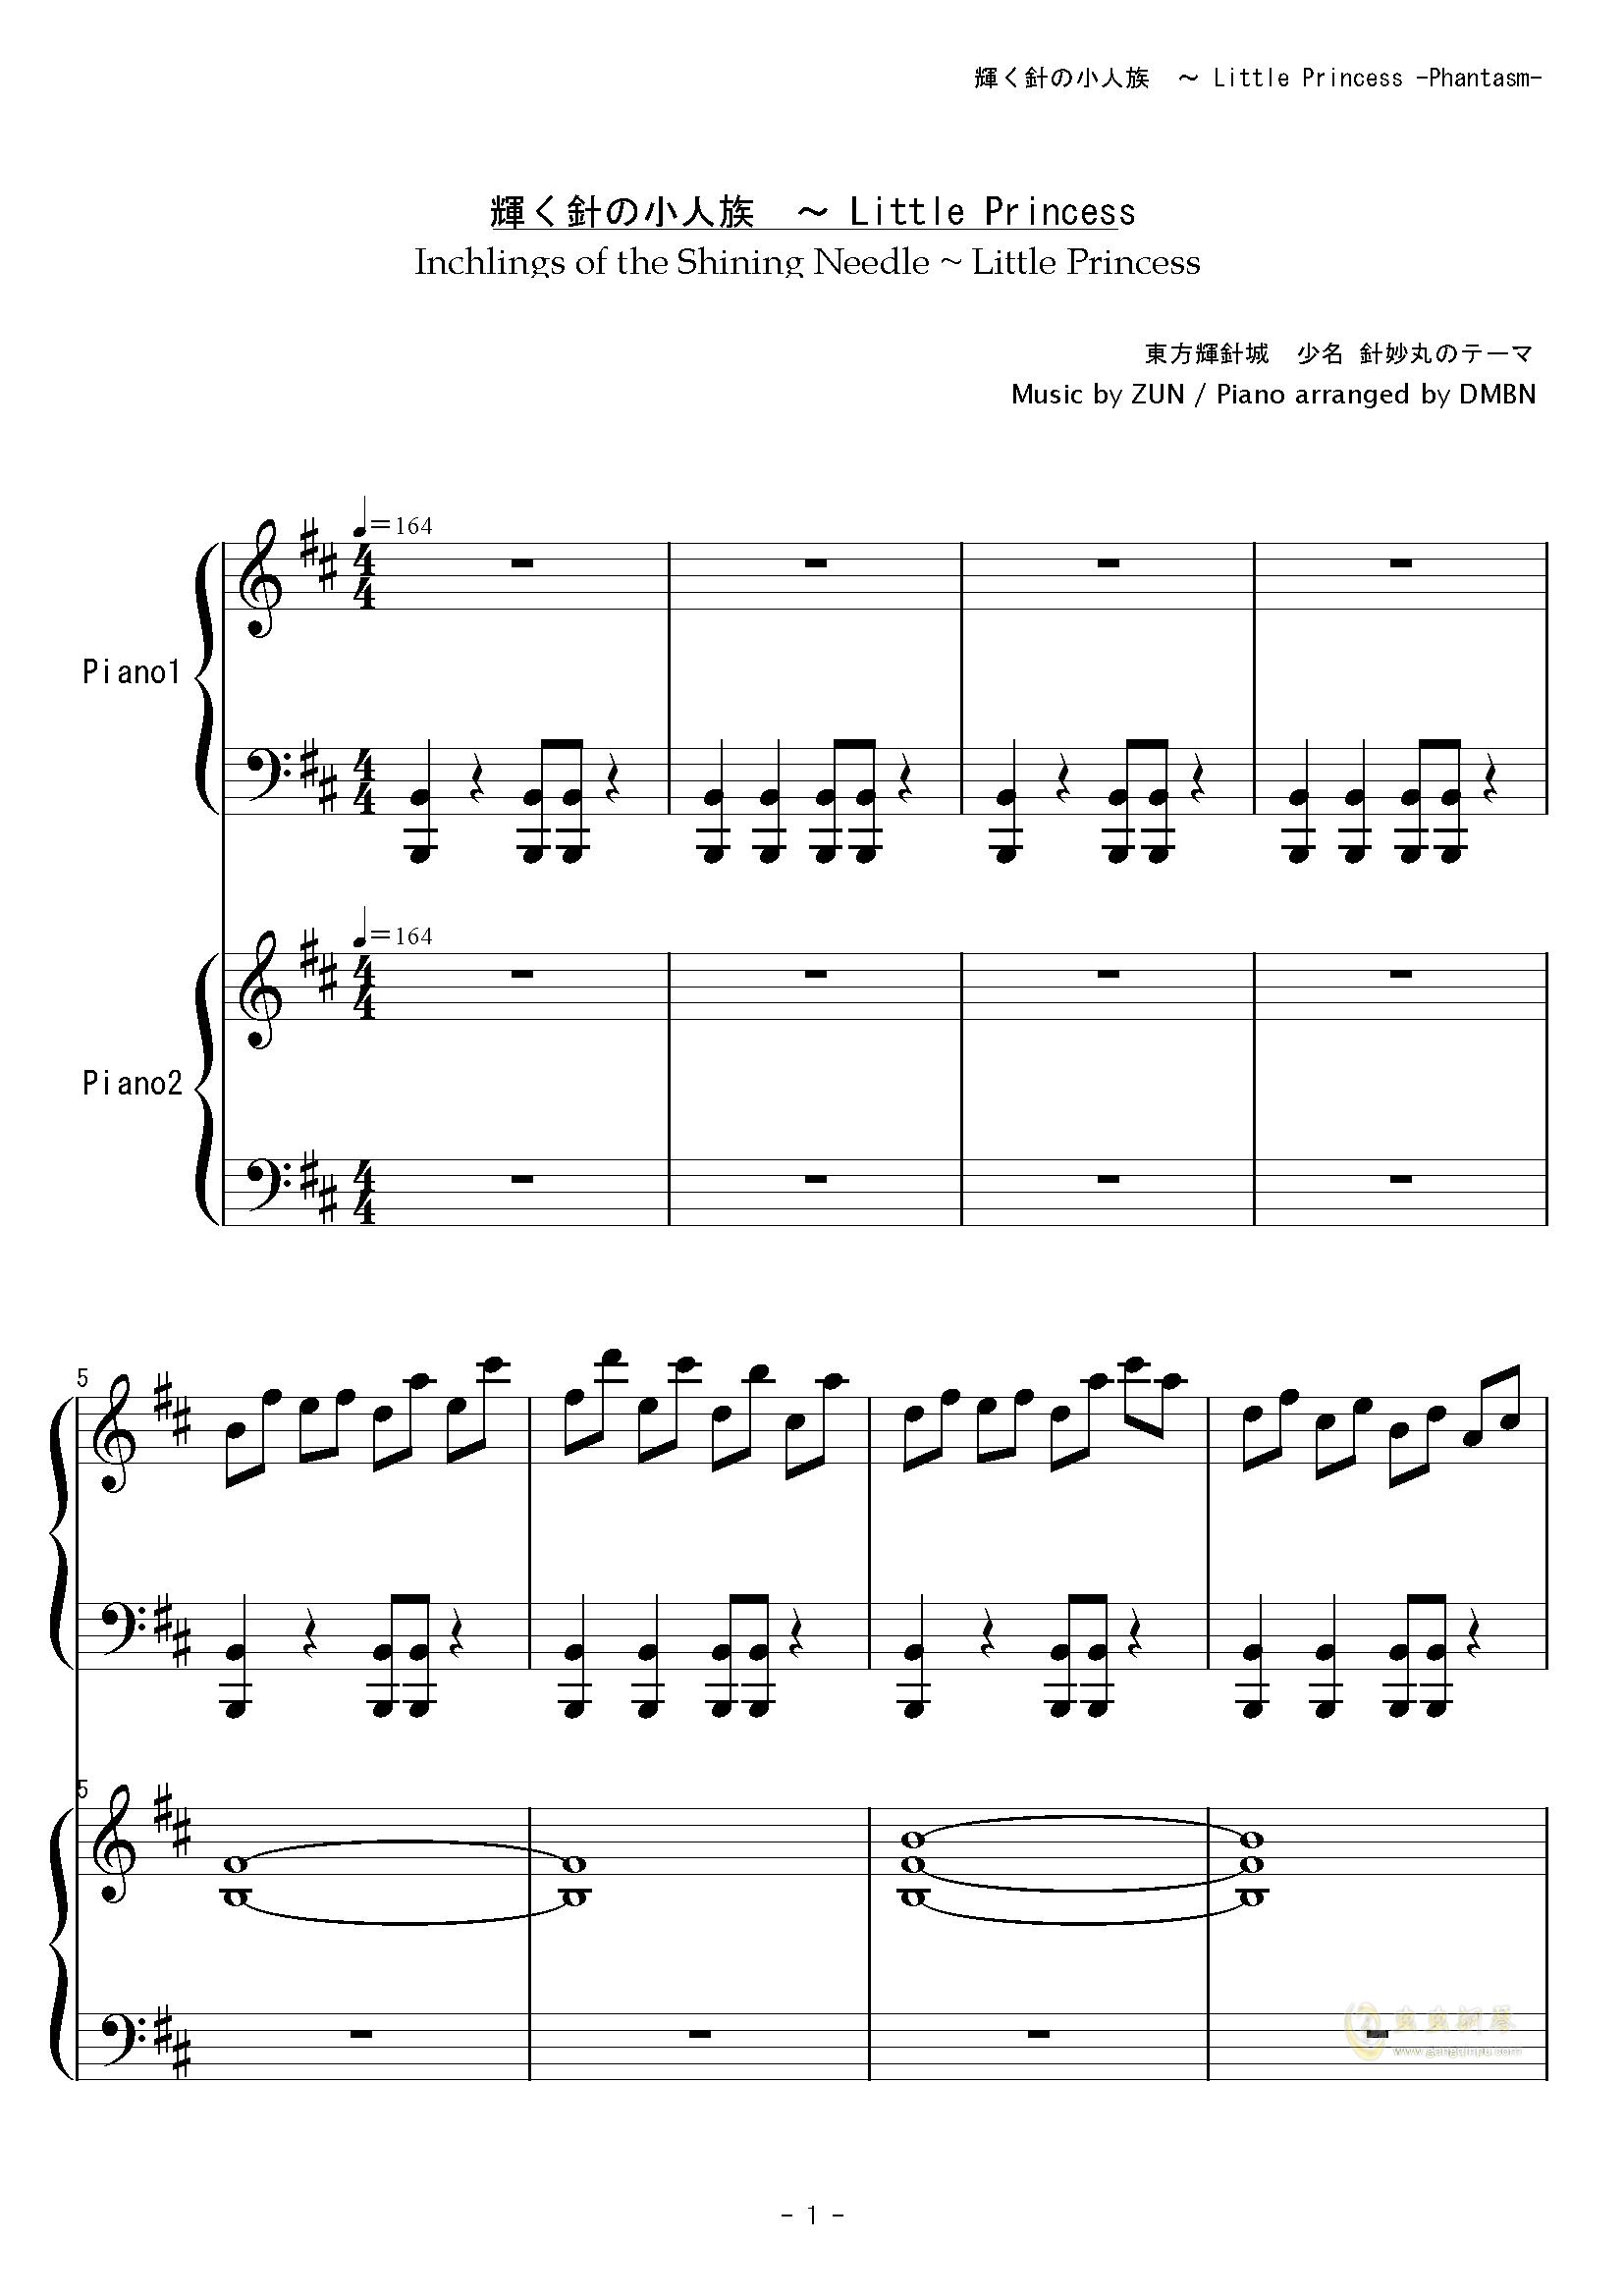 辉く针の小人族 Little Princess,辉く针の小人族 Little Princess钢琴